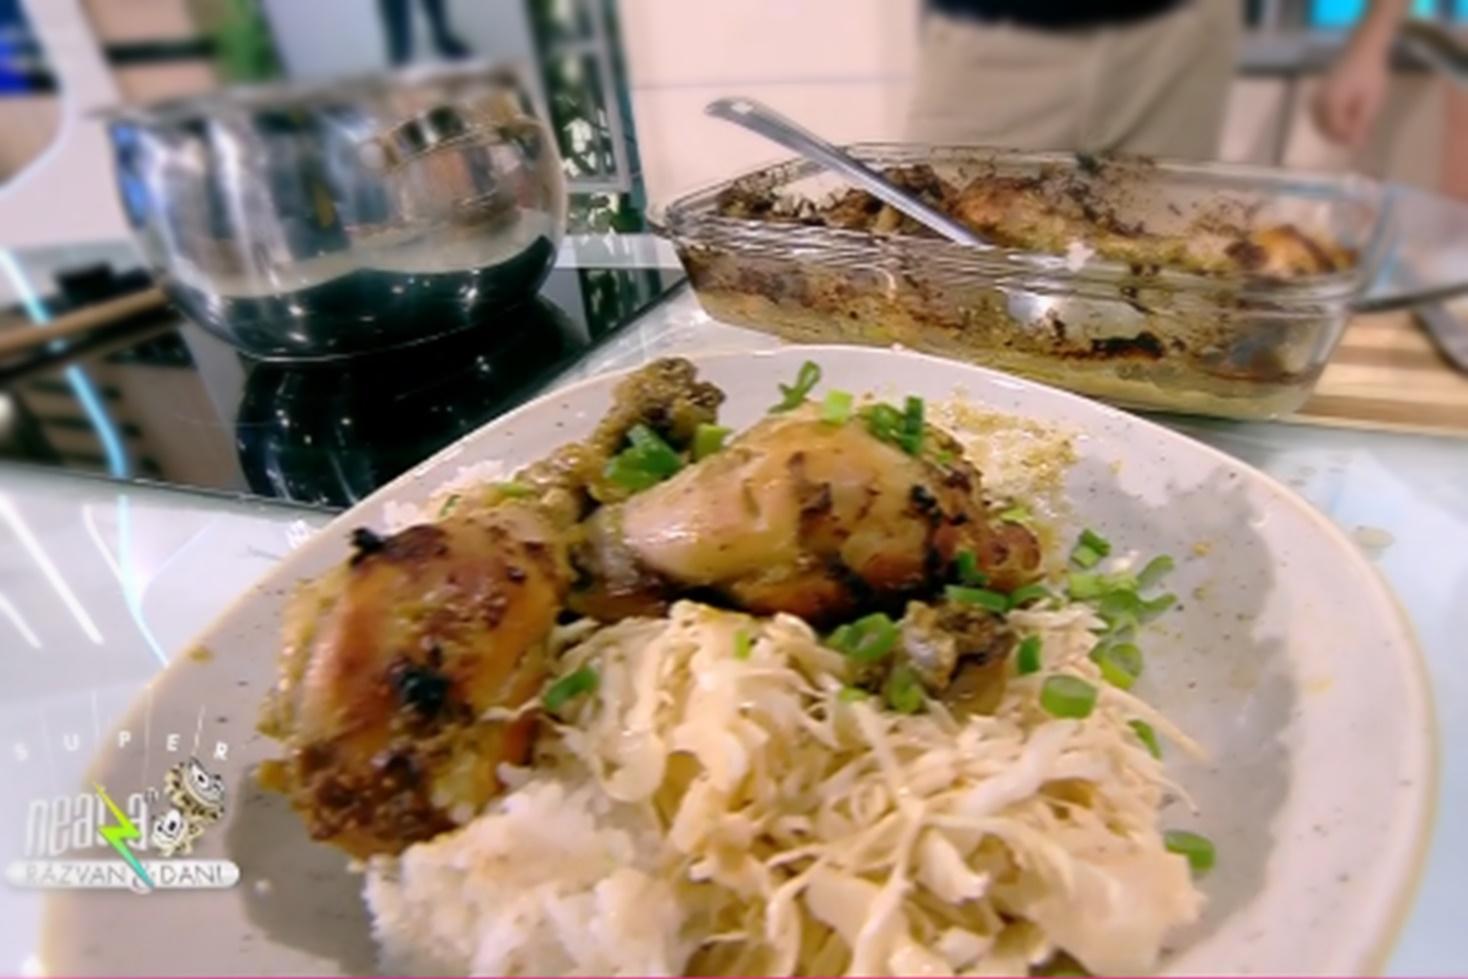 Rețetă de pui în stil jamaican, preparată de chef Nicolai Tand la Neatza cu Răzvan și Dani